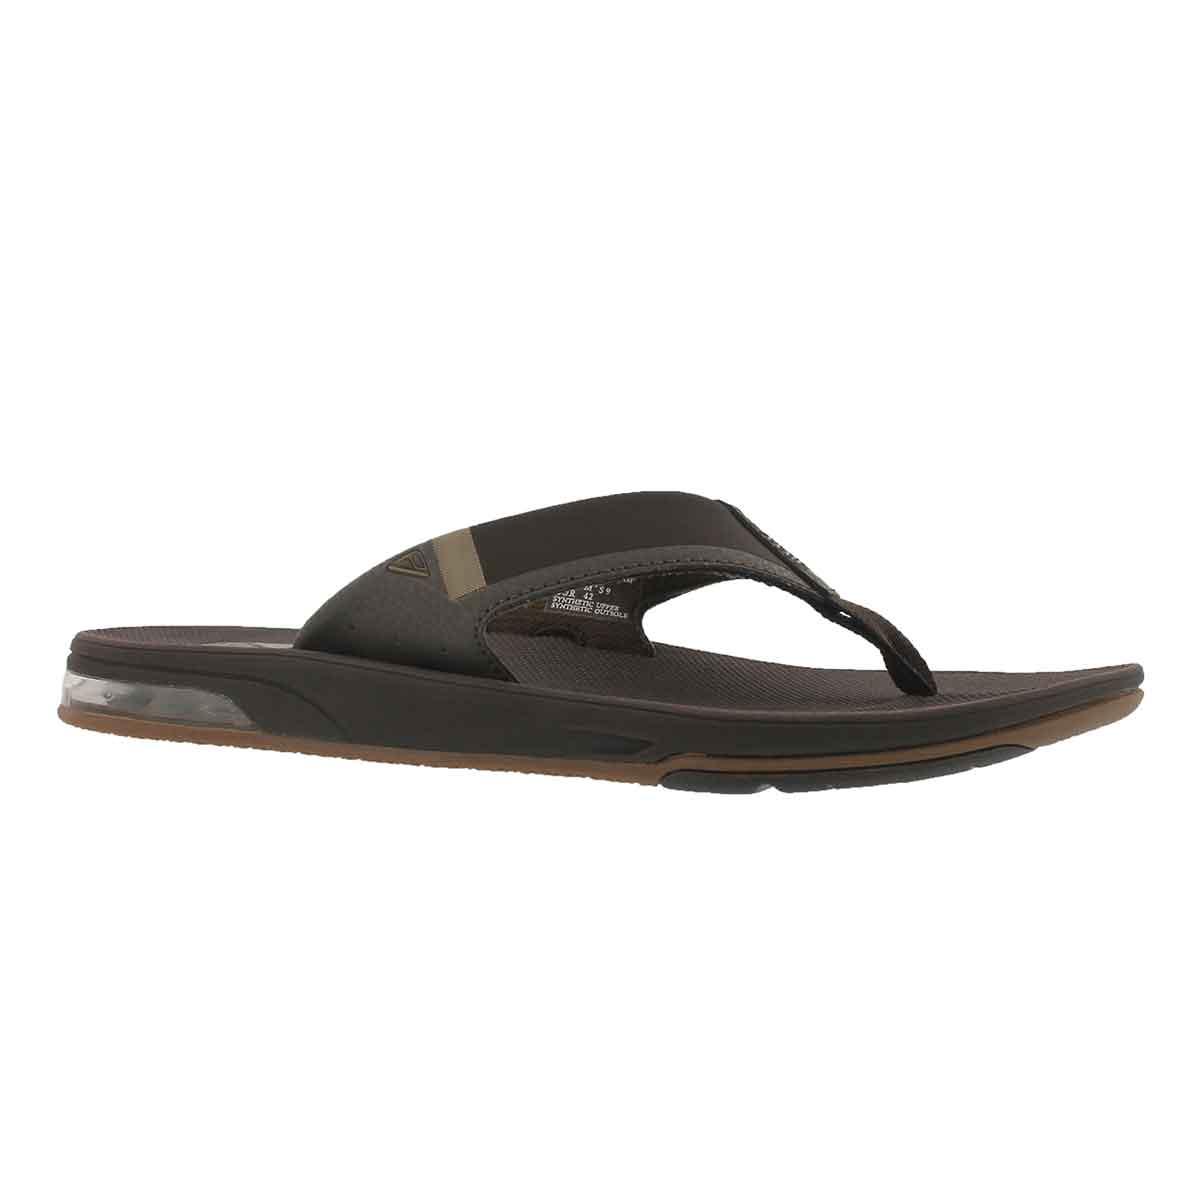 Men's FANNING 2.0 brown thong sandal